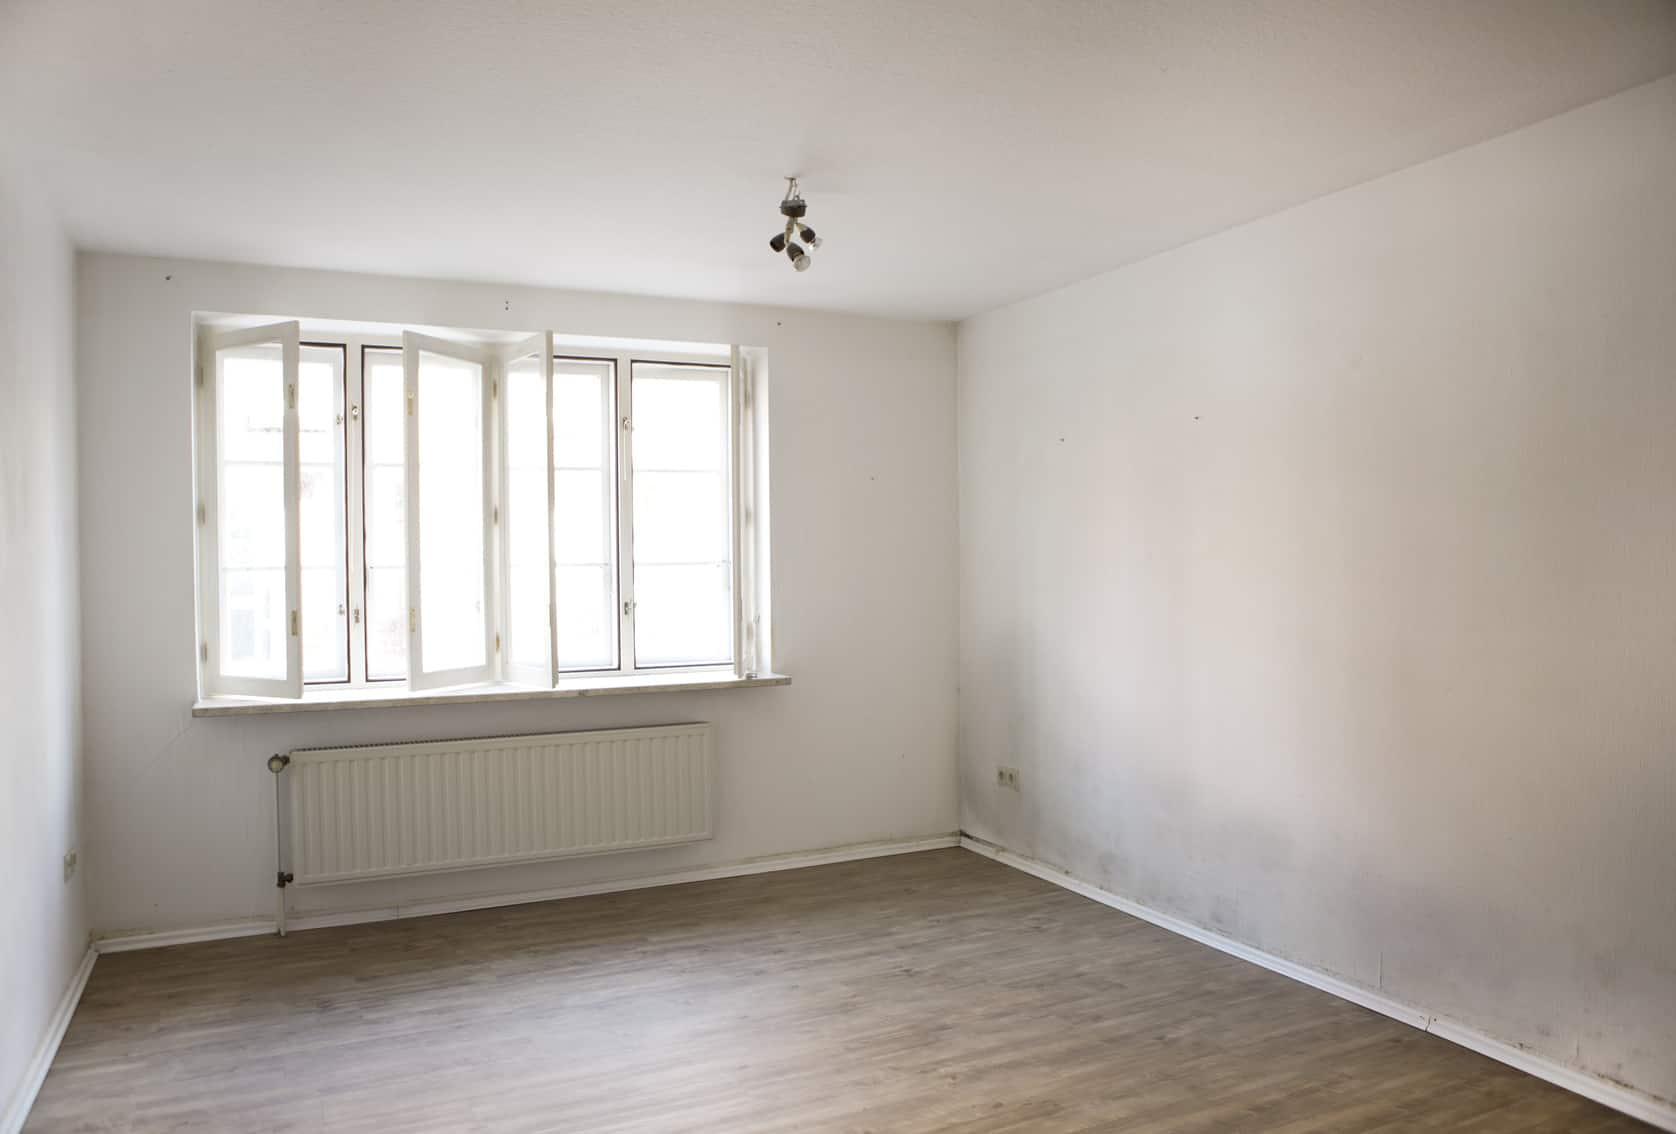 probl me d humidit cause de remont es capillaires. Black Bedroom Furniture Sets. Home Design Ideas